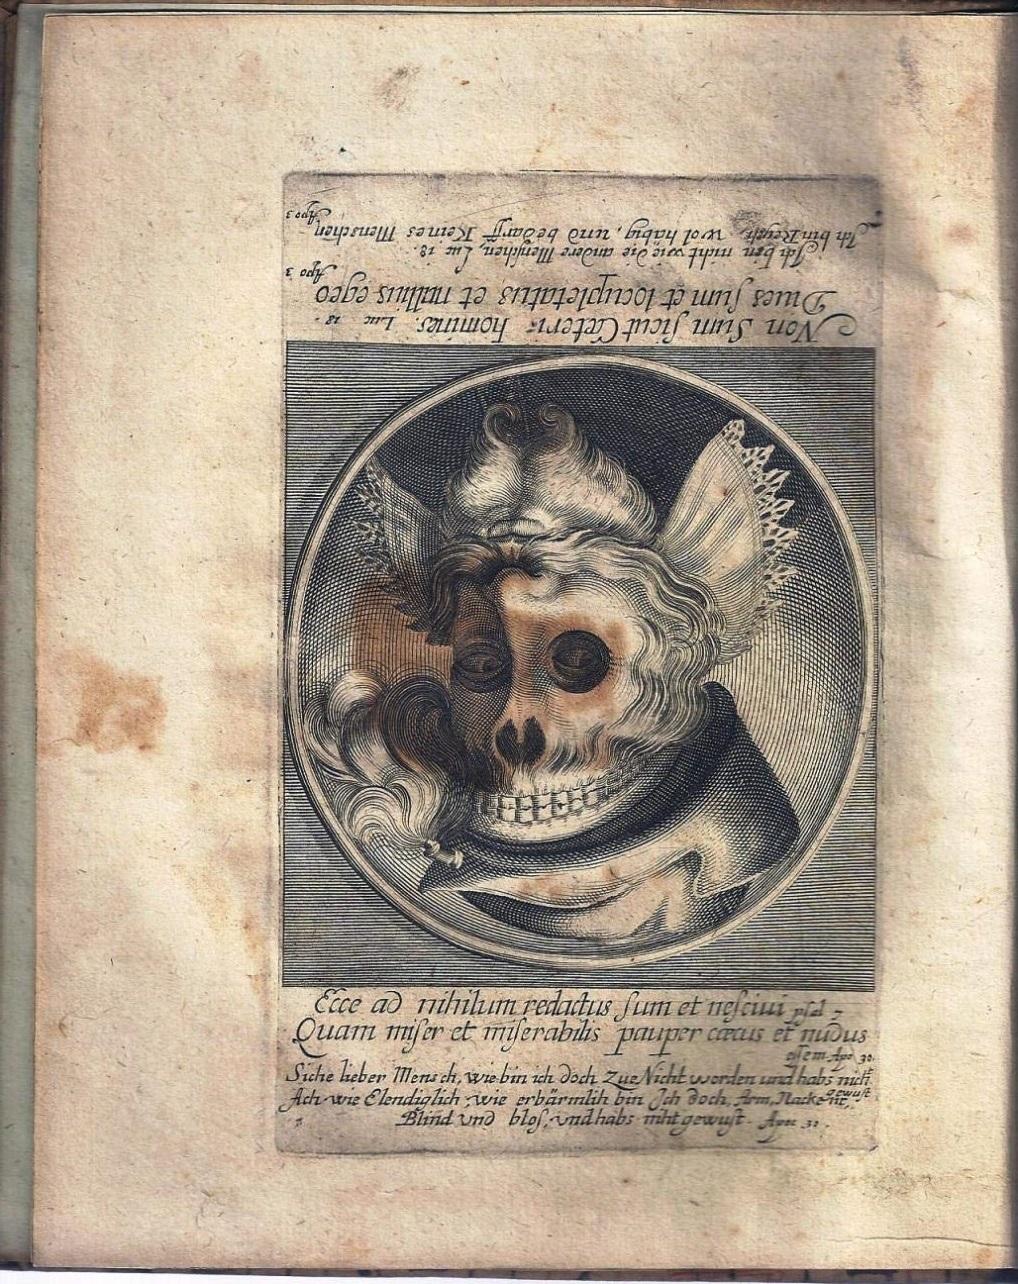 HB 1649 TODTEN-TANTZ, WIE DERSELBE IN DER LÖBLICHEN UND WEITBERÜHMTEN STATT BASEL ALS EIN SPIEGEL MENSCHLICHER BESCHAFFENHET B